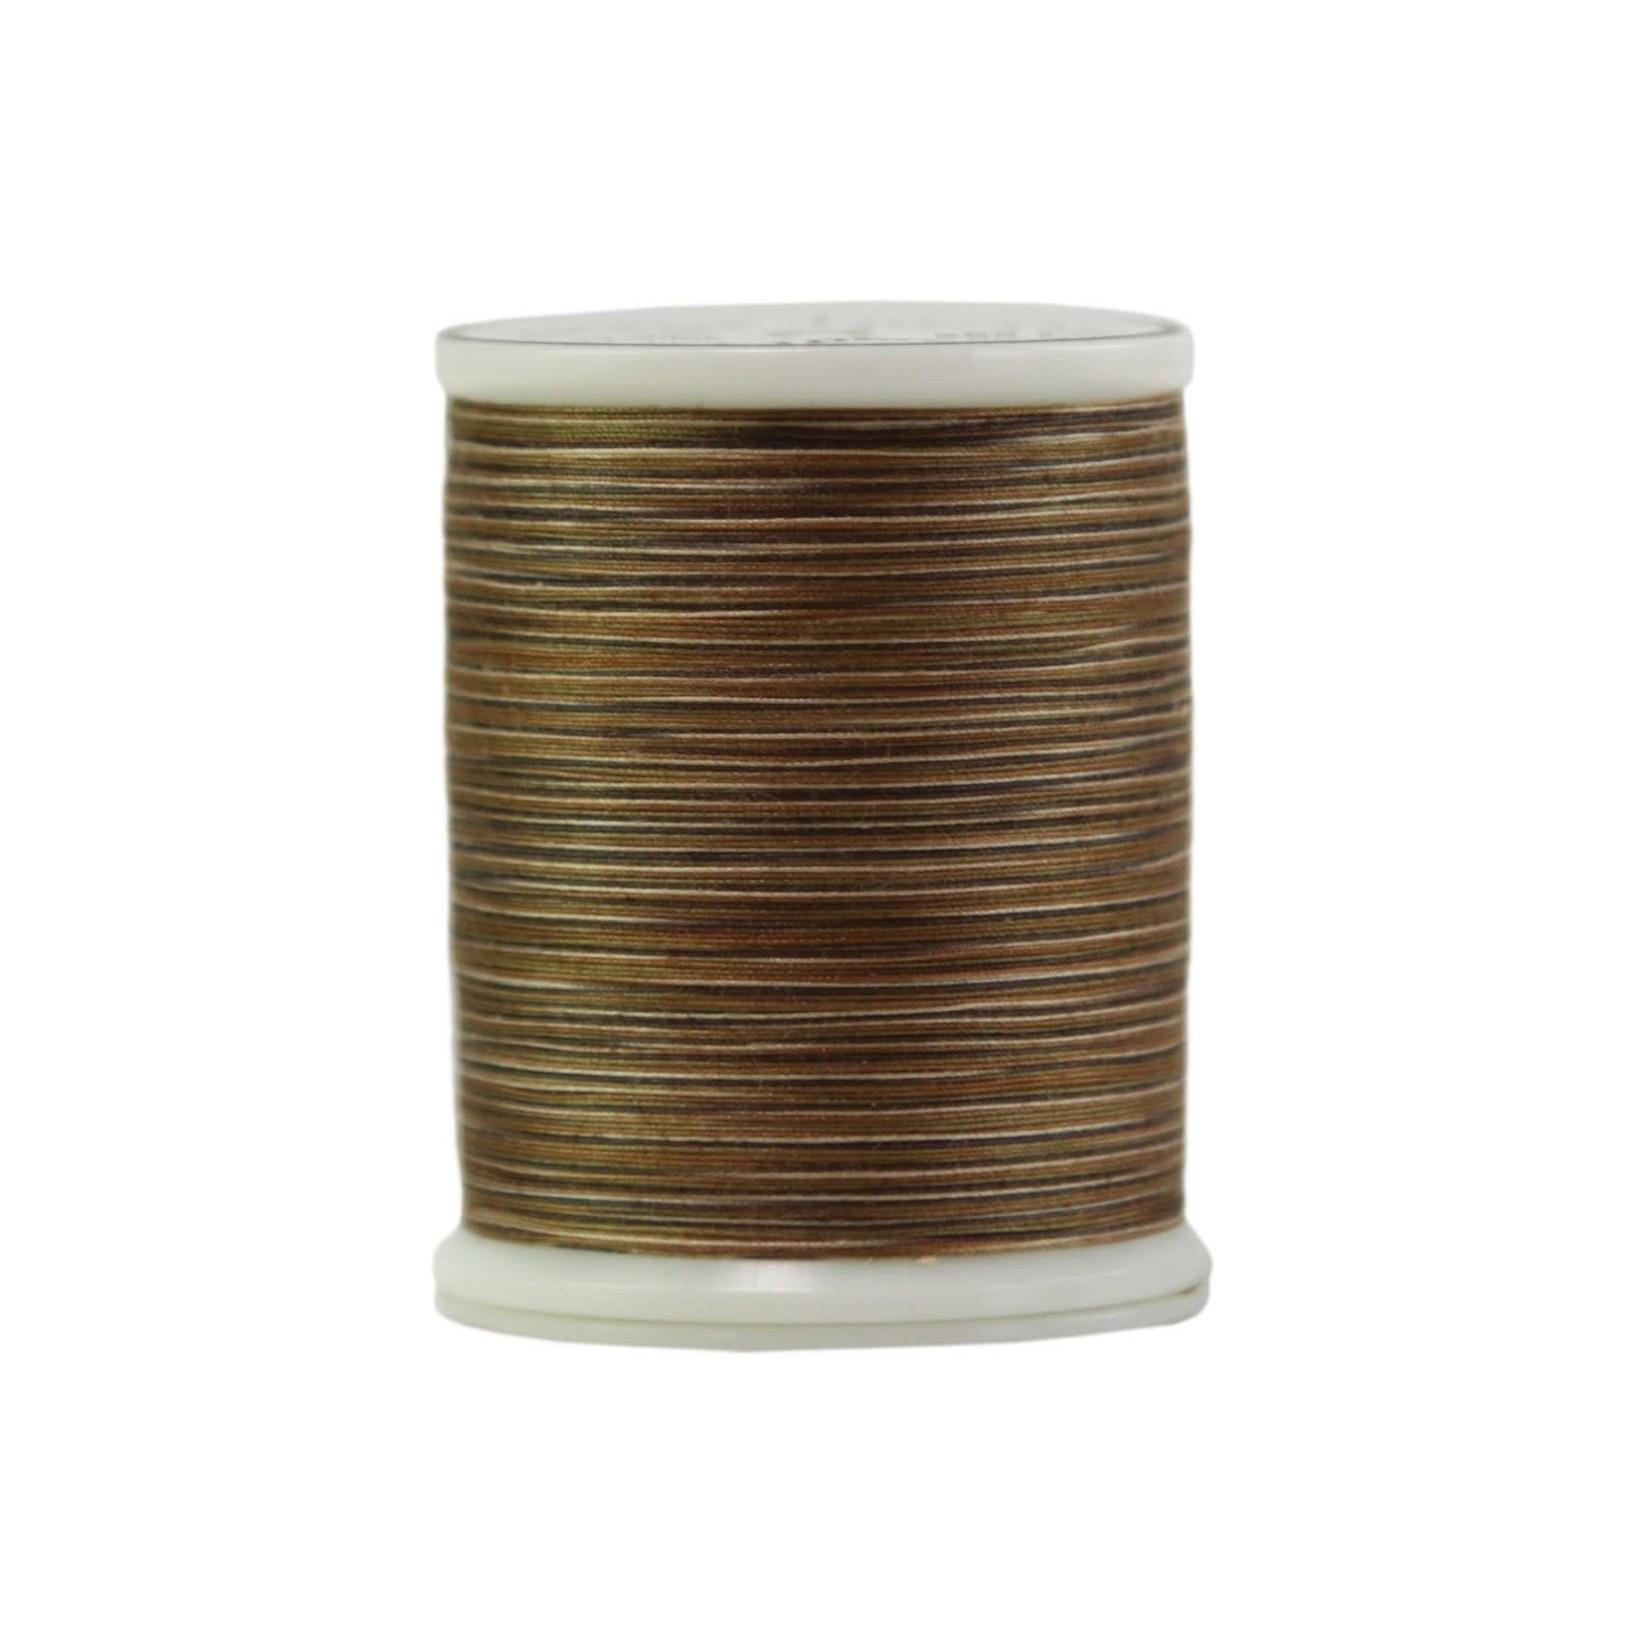 Superior Threads King Tut - #40 - 457 m - 1050 Groundhog Day